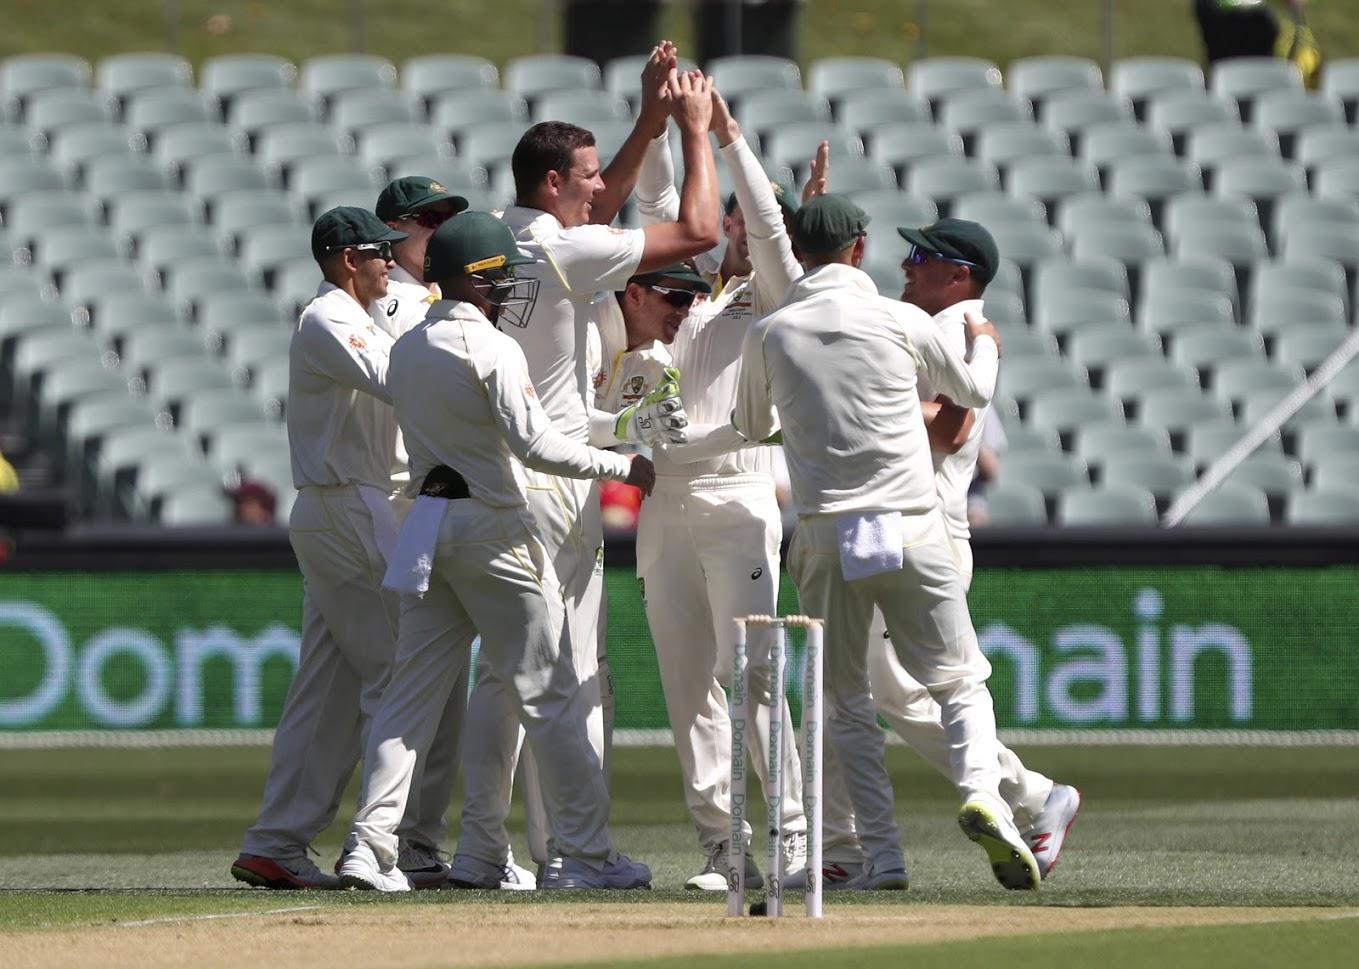 भारताने ऑस्ट्रेलियाविरुद्ध नाणेफक जिंक प्रथम गोलंदाजीचा निर्णय घेतला.